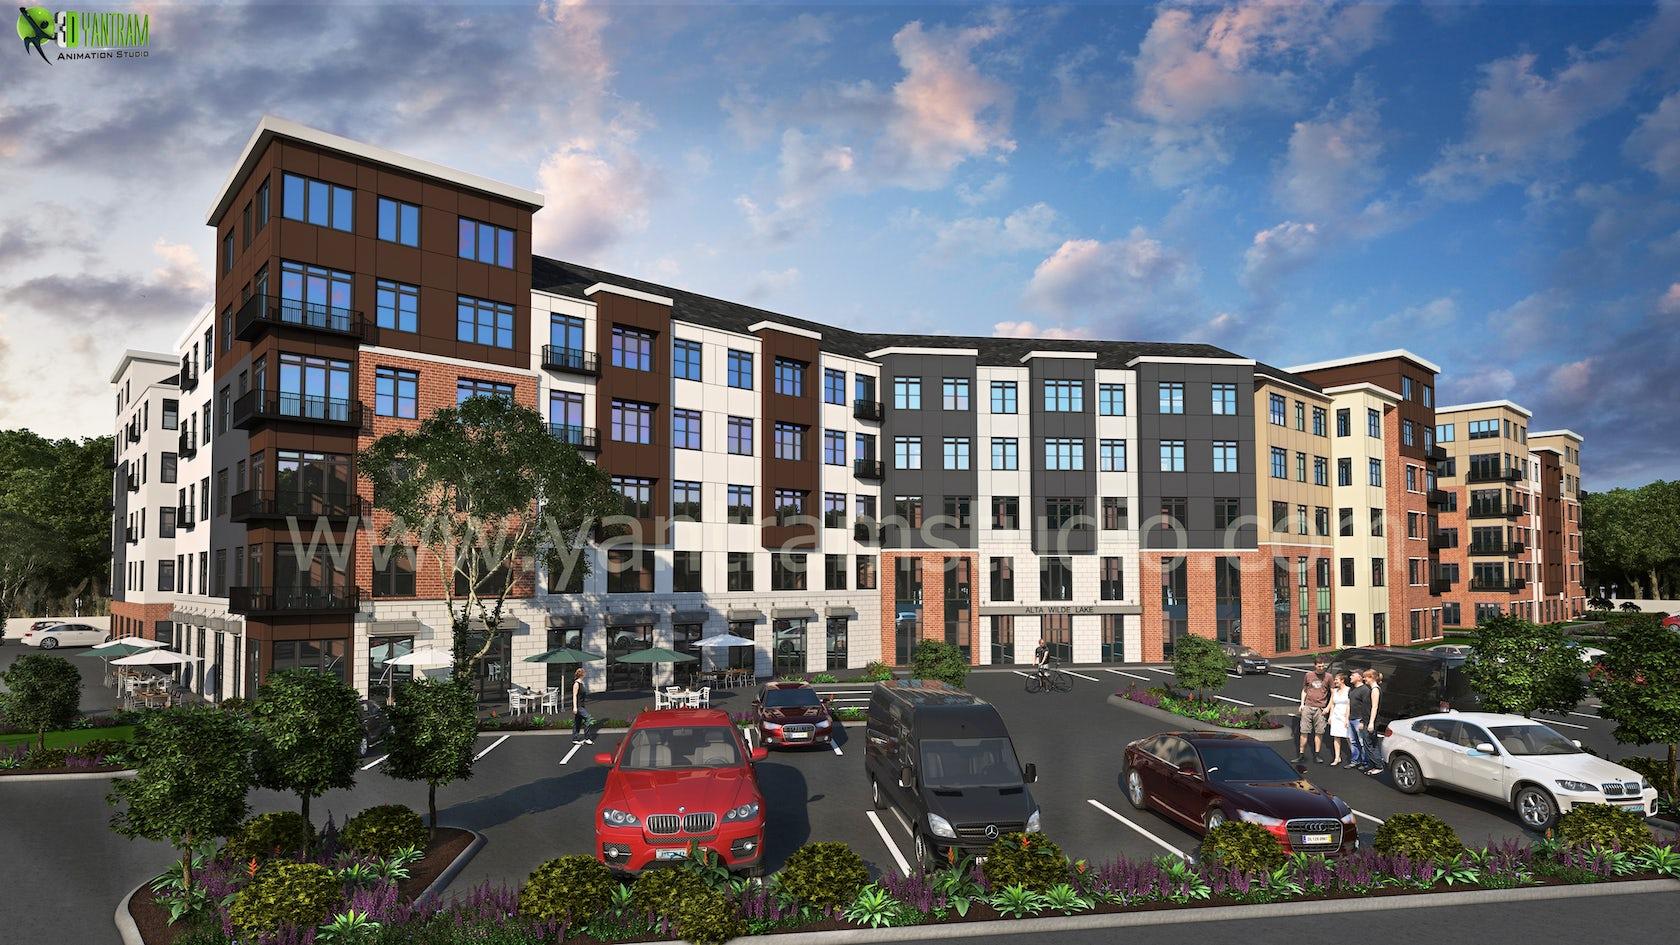 Commercial building exterior design architizer for Commercial building exterior design